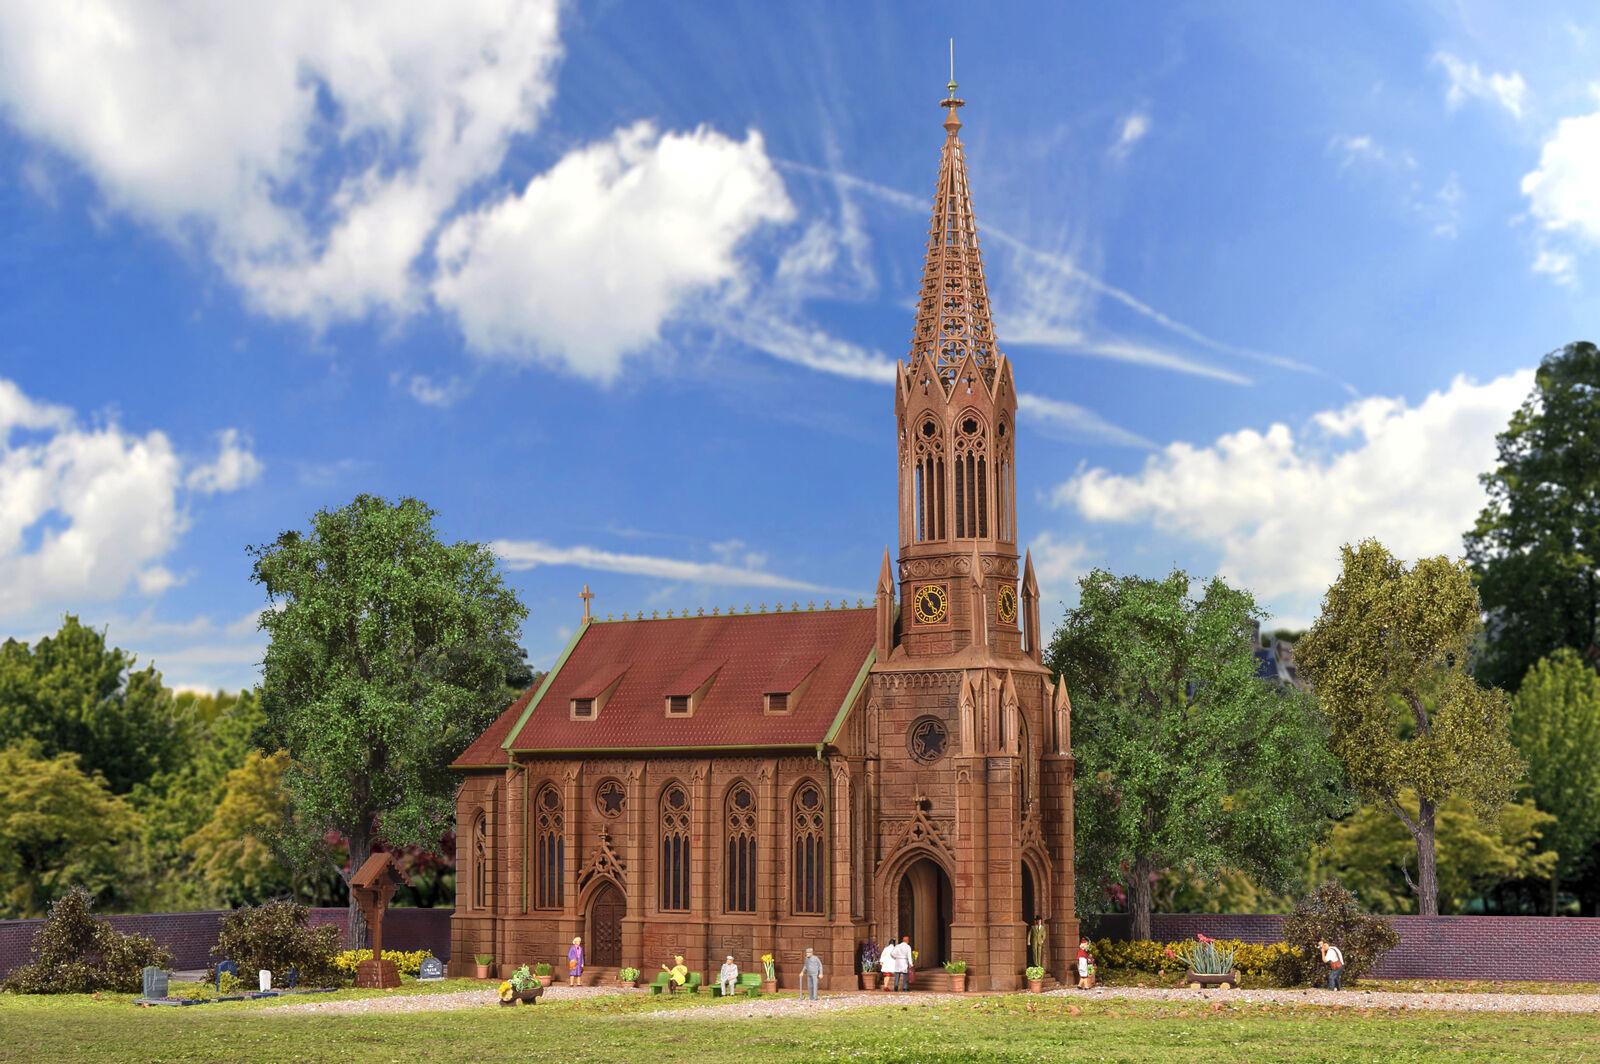 100% autentico Vollmer 43739 h0 ciudad iglesia stuttgart-Berg stuttgart-Berg stuttgart-Berg + + nuevo con embalaje original + +  Esperando por ti